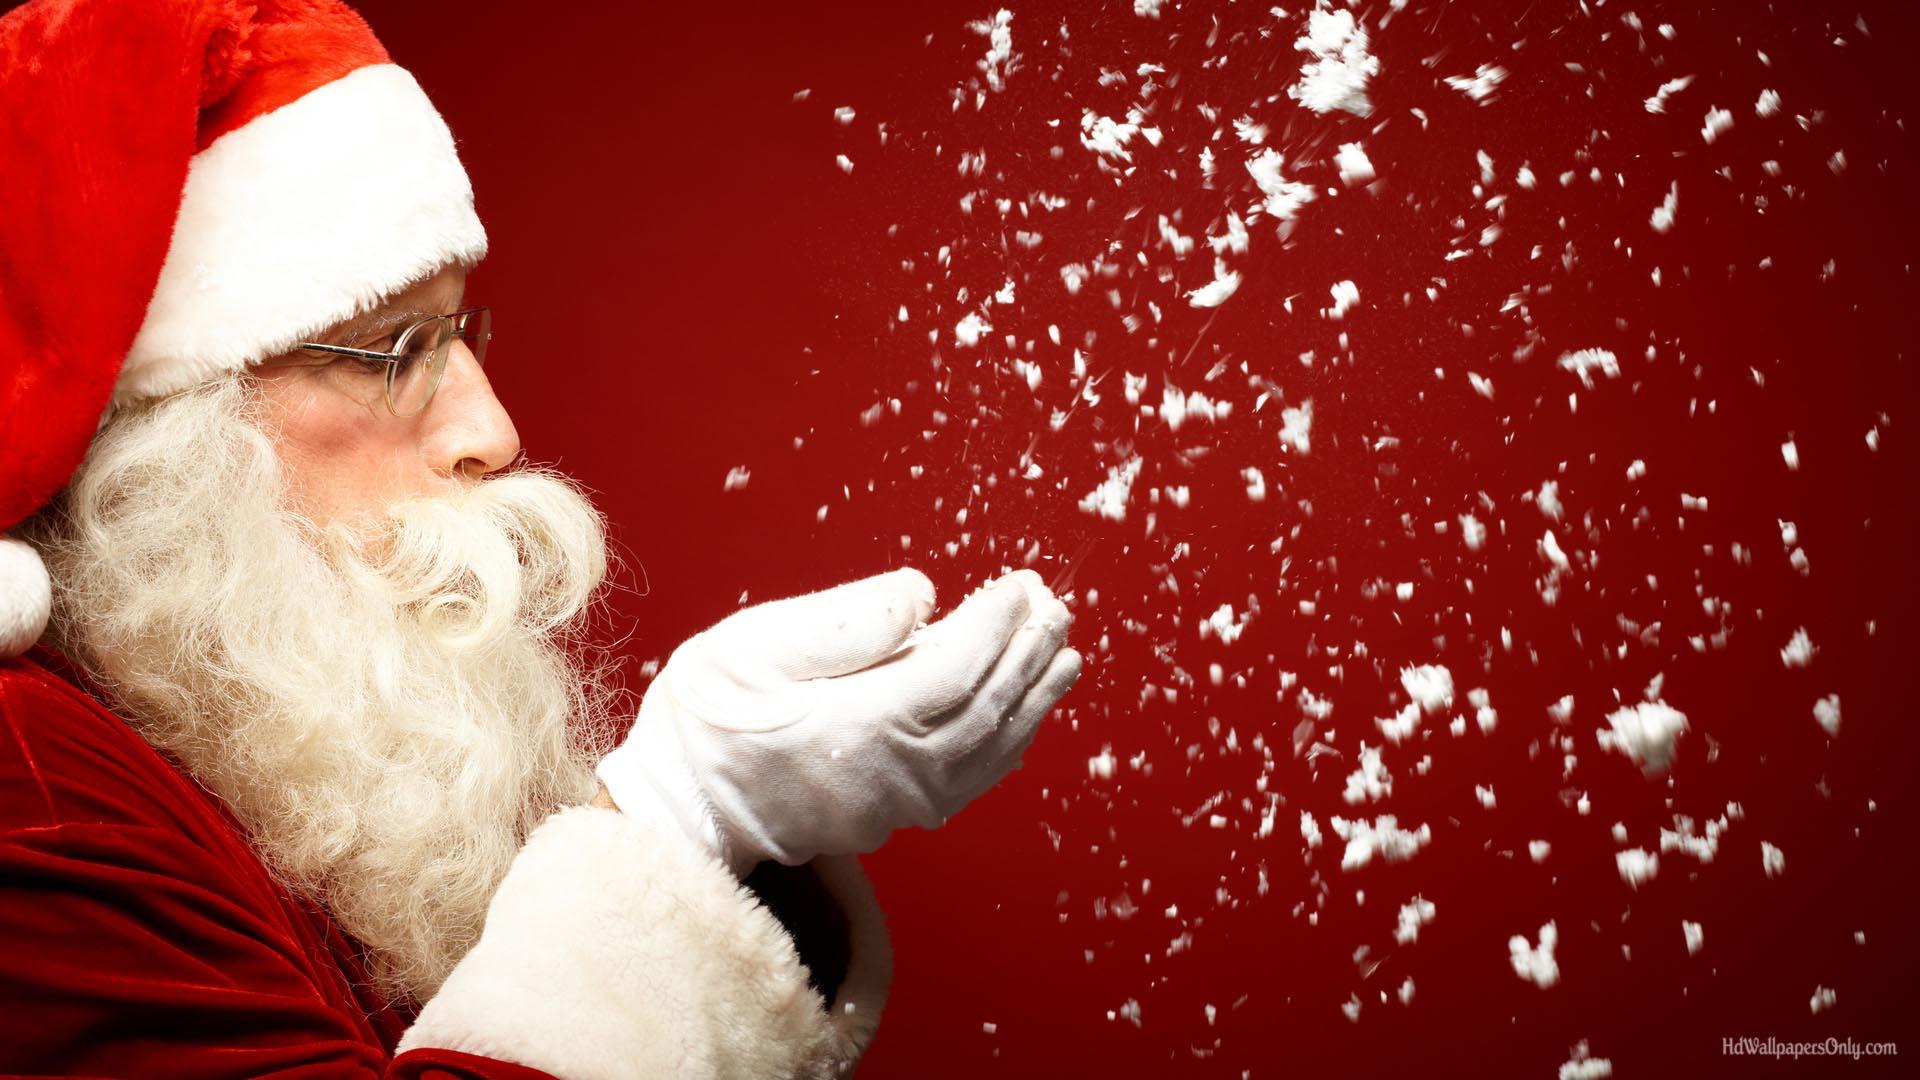 Esiste Babbo Natale Si O No.Babbo Natale Esiste Davvero Magia Incanto Tradizione E Storia Irpot